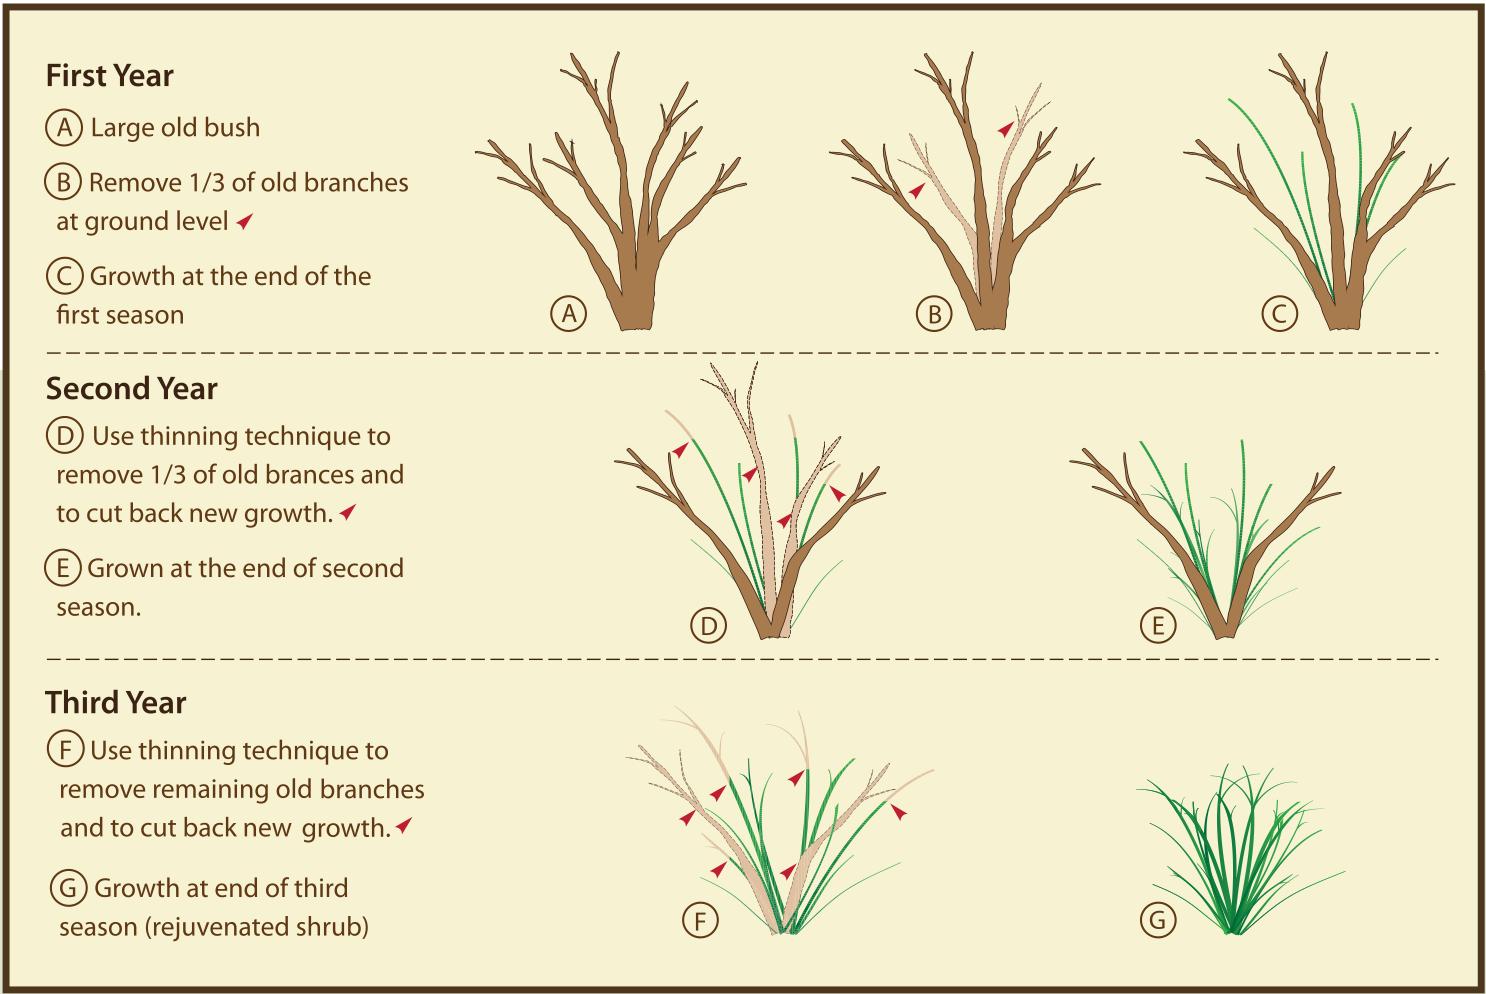 morris arboretum rejuvenative pruning of mature shrubs, Natural flower